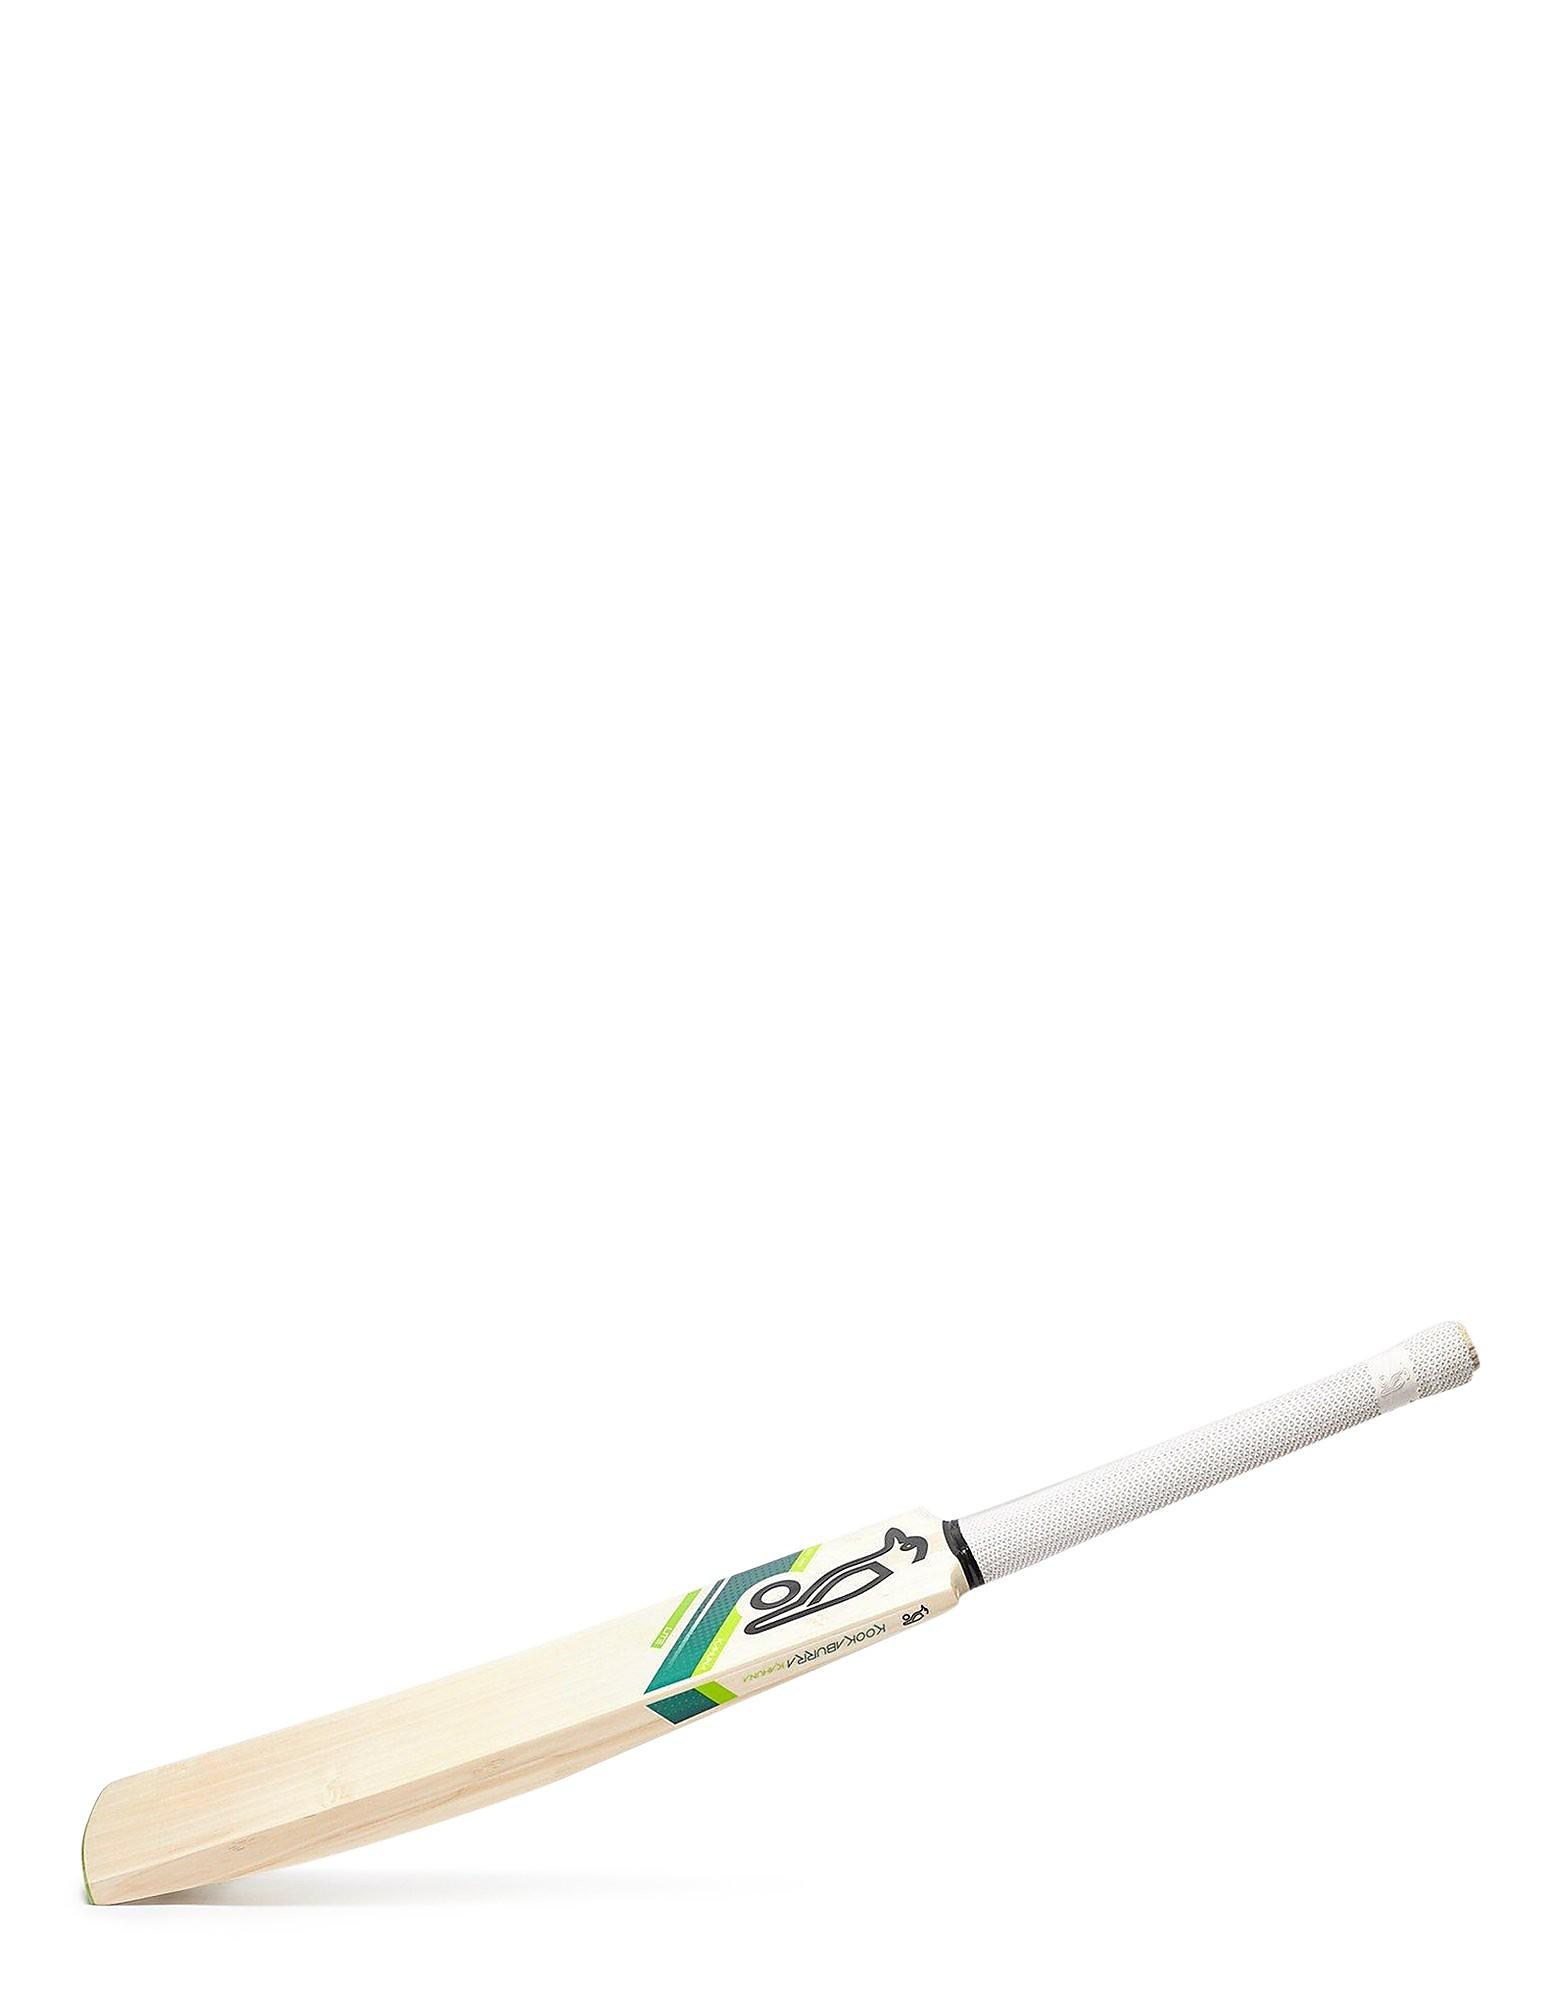 Kookaburra Kahuna Light Adult Cricket Bat